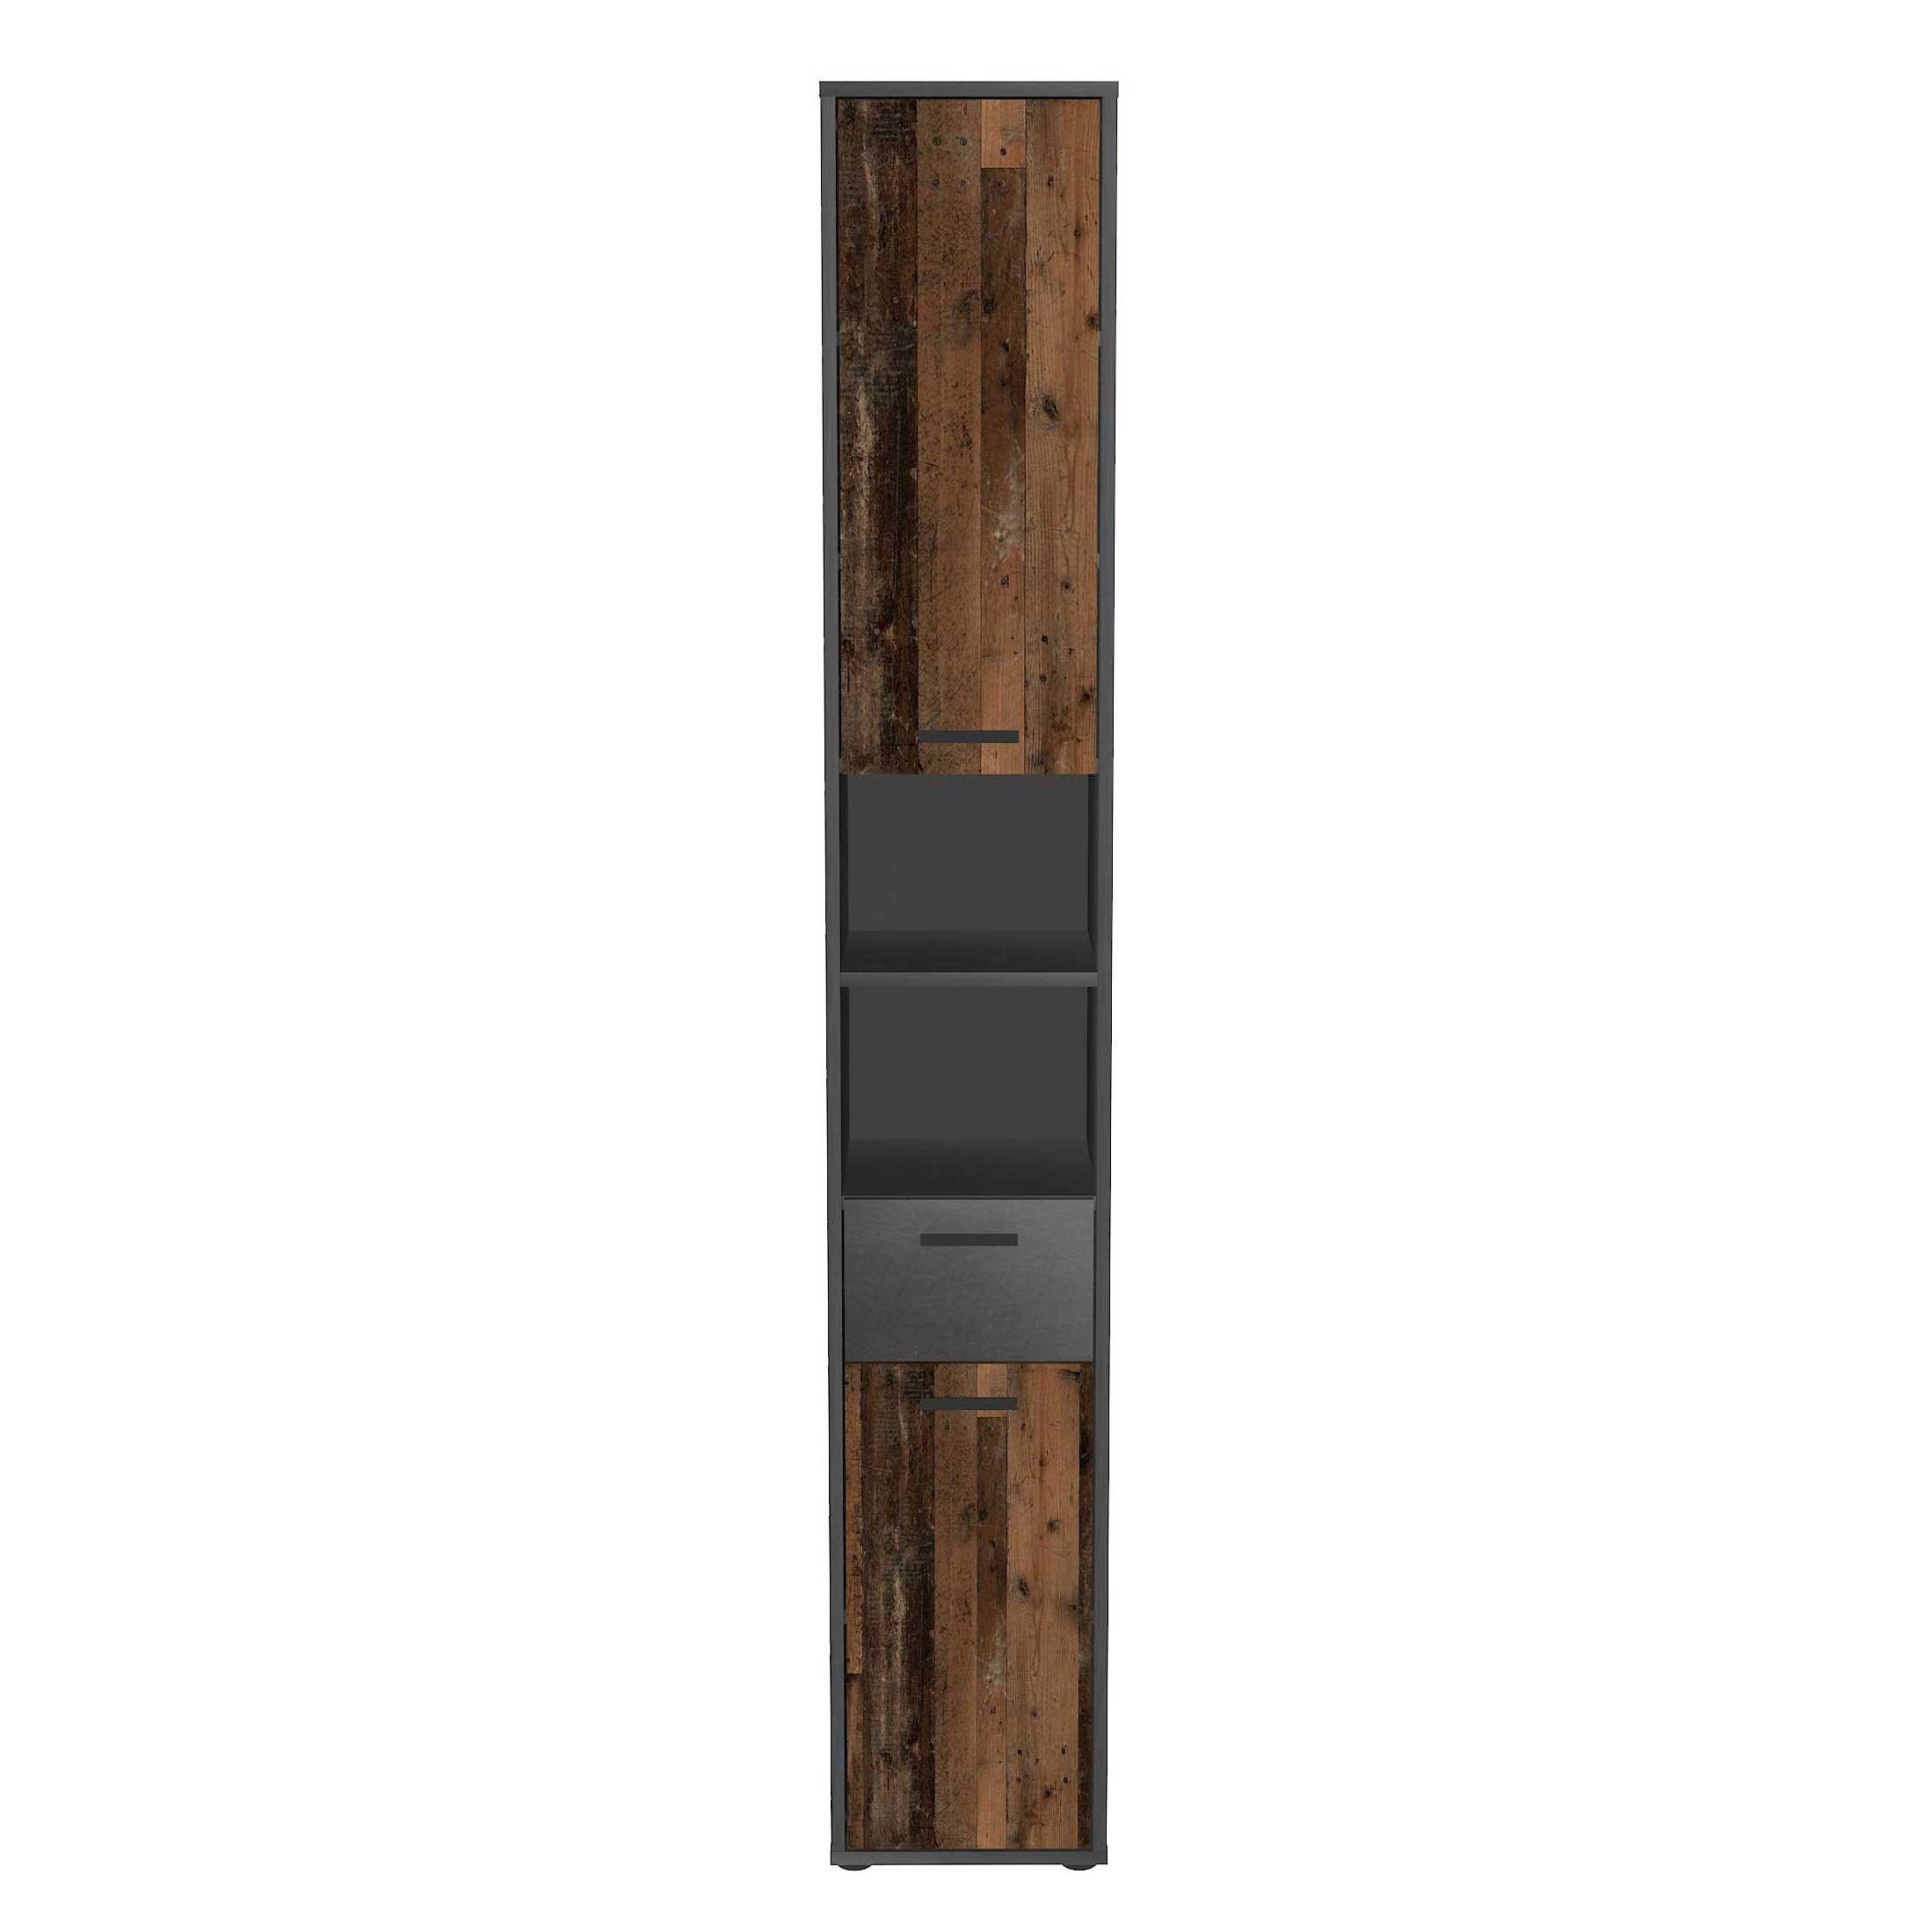 goedkope Kolomkast Madoc FMD Bruin FMD952-004